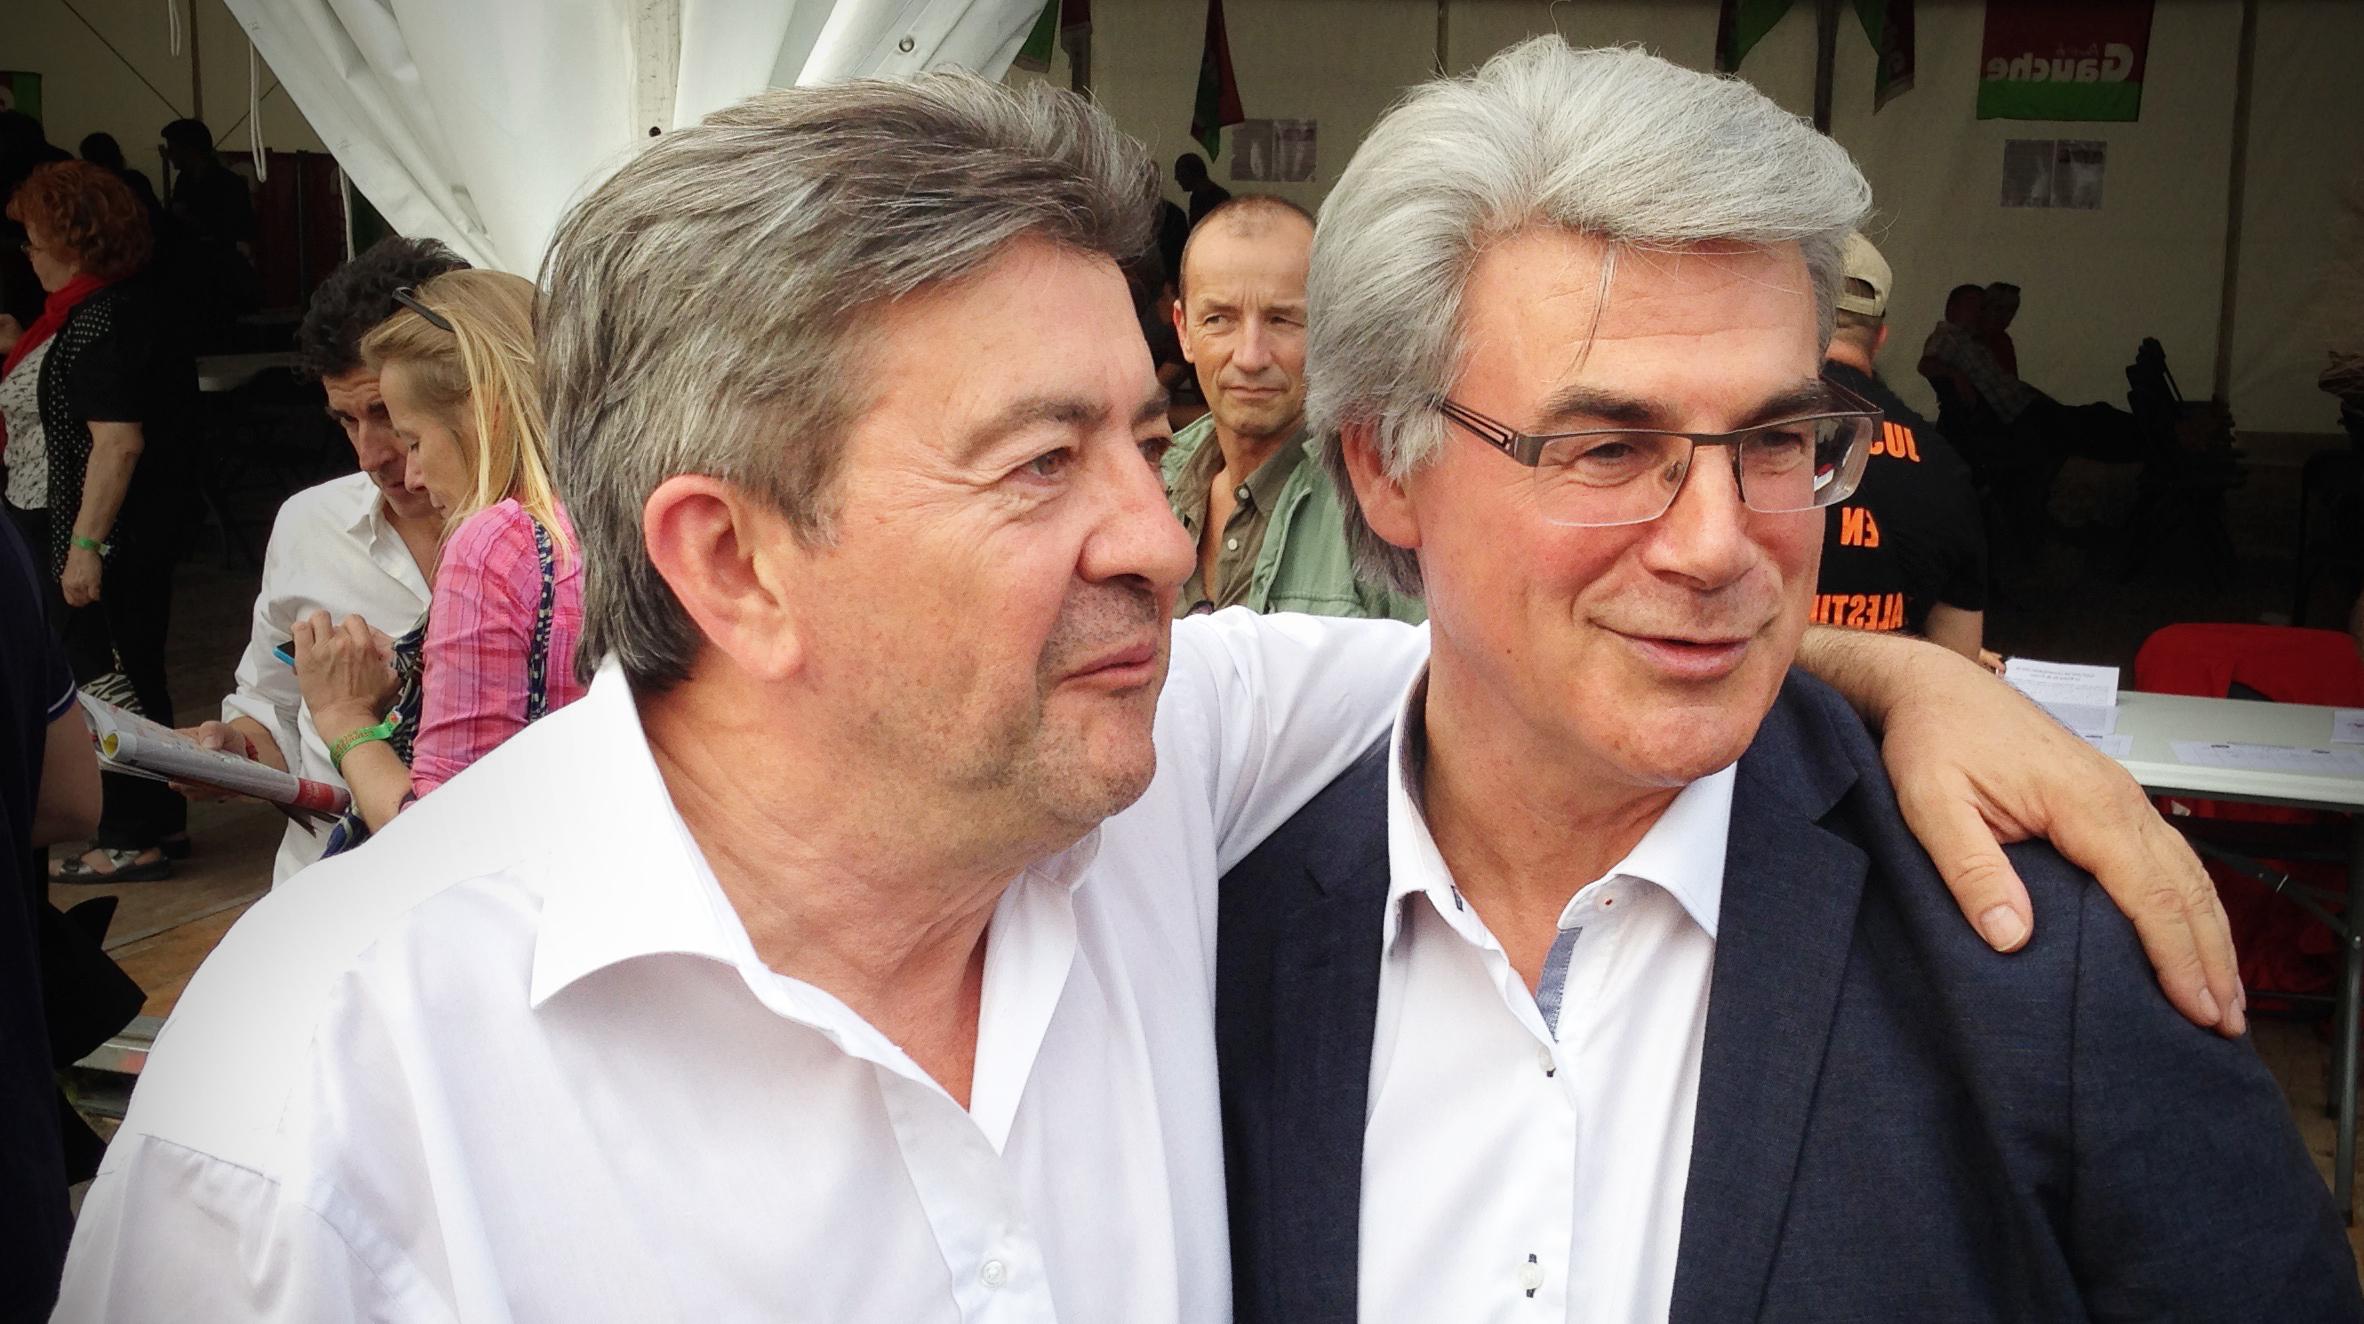 Jean-Luc Mélenchon et Patrick Le Hyaric à la fête de l'Humanité